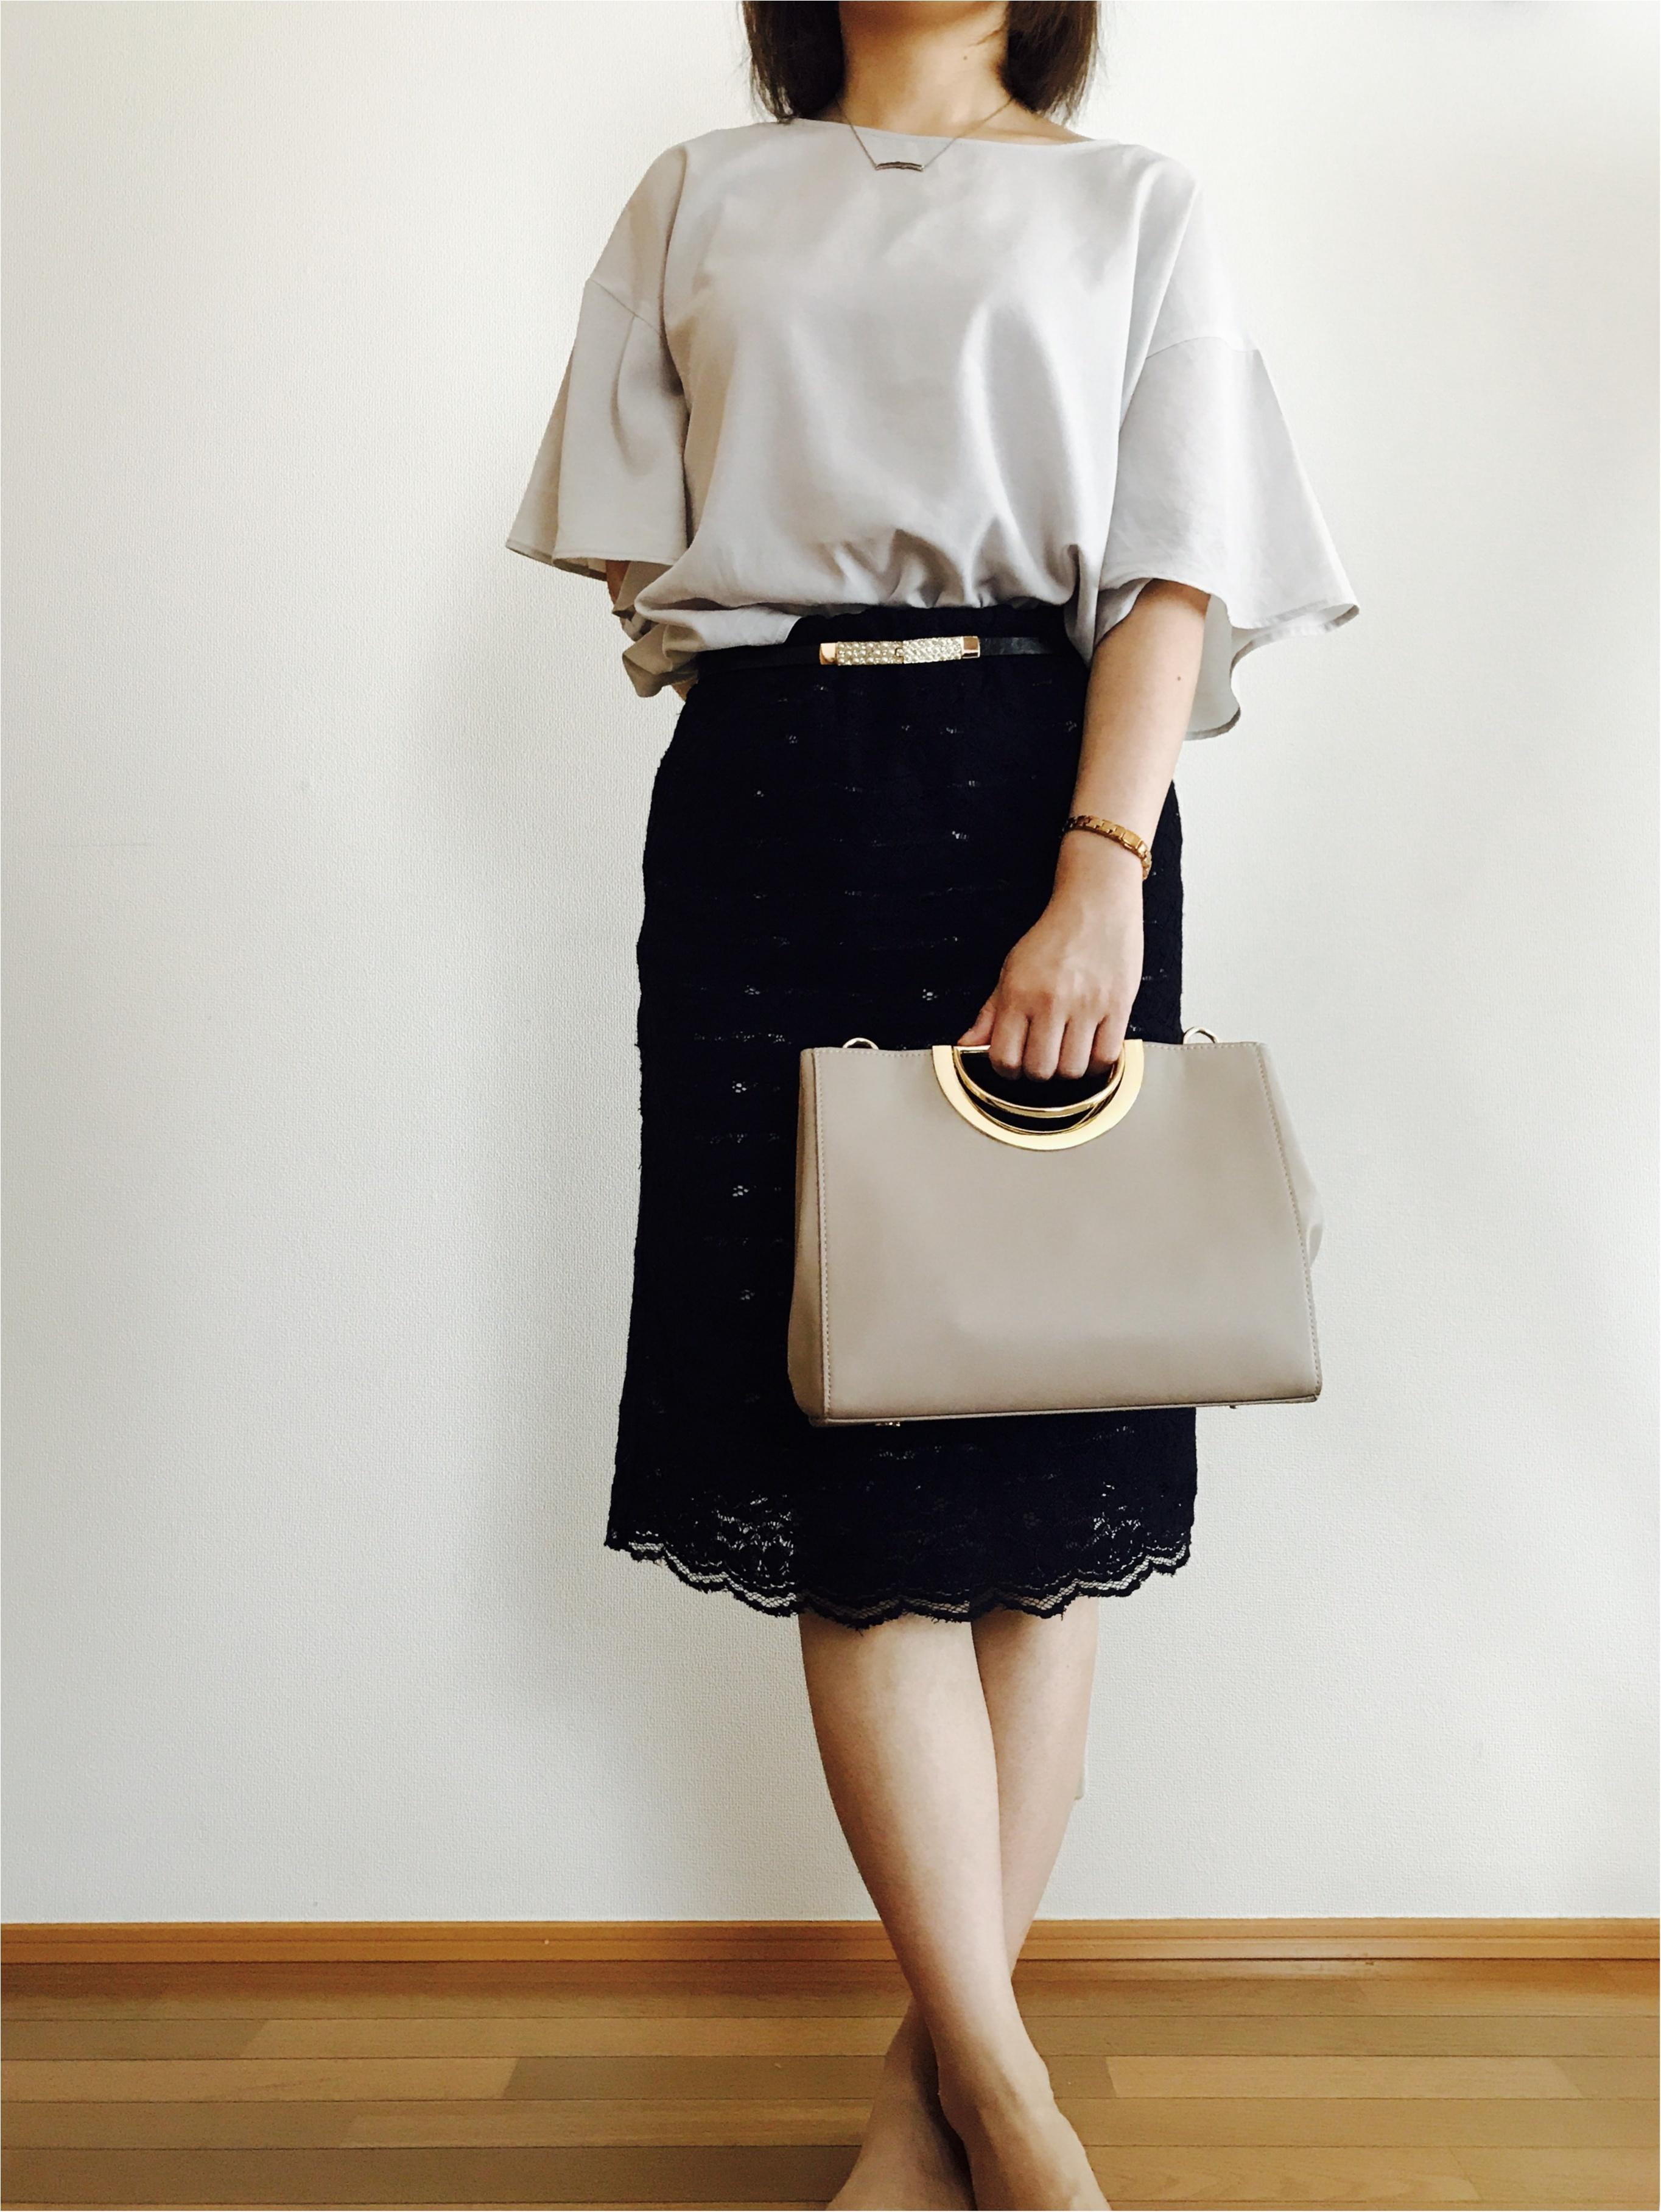 【リングハンドルバッグ】3wayで使えるバッグを購入♡♡_4